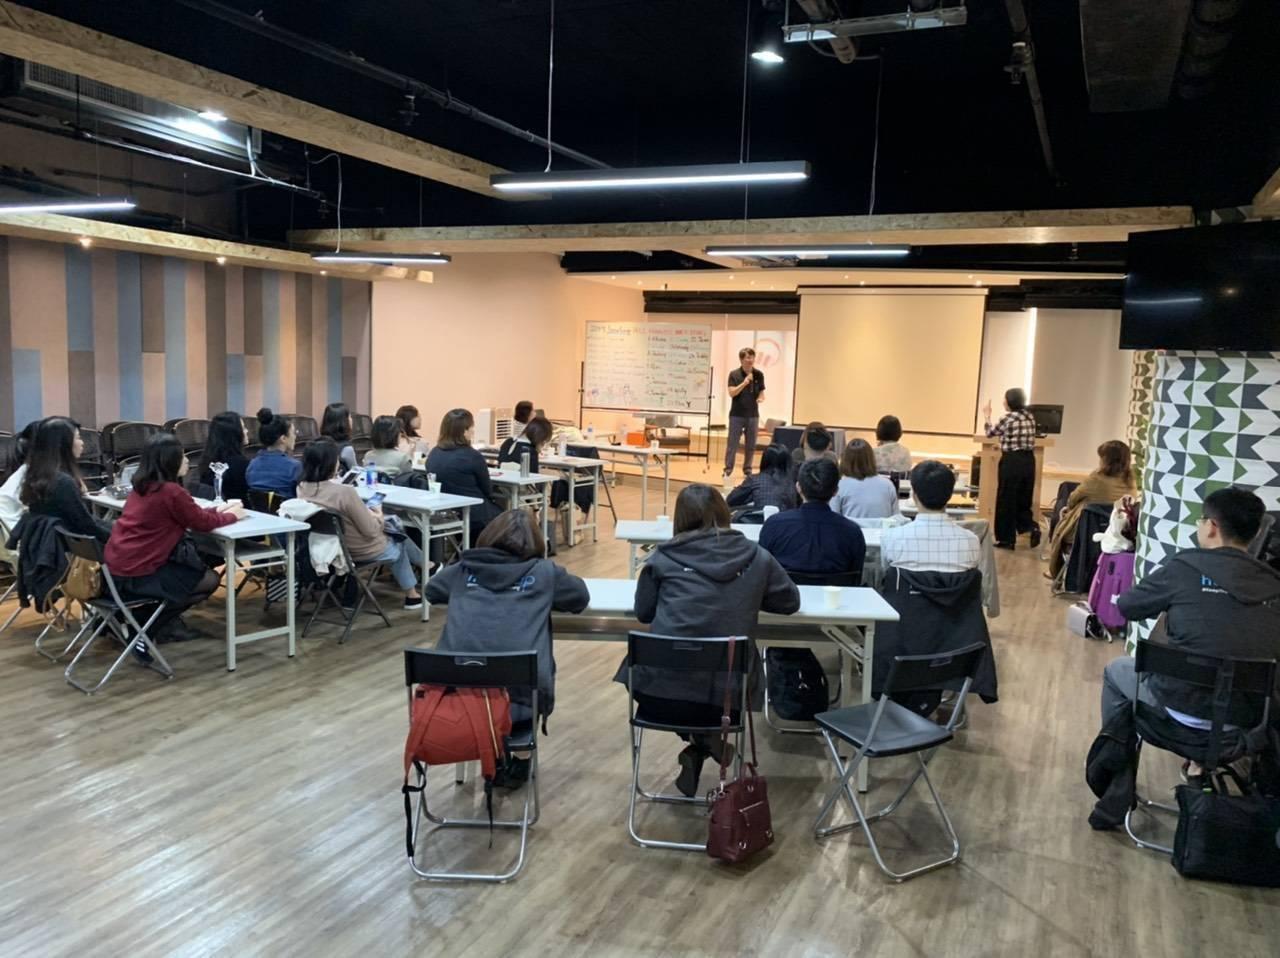 Amazon百大電商使用租借高雄道騰國際會議中心